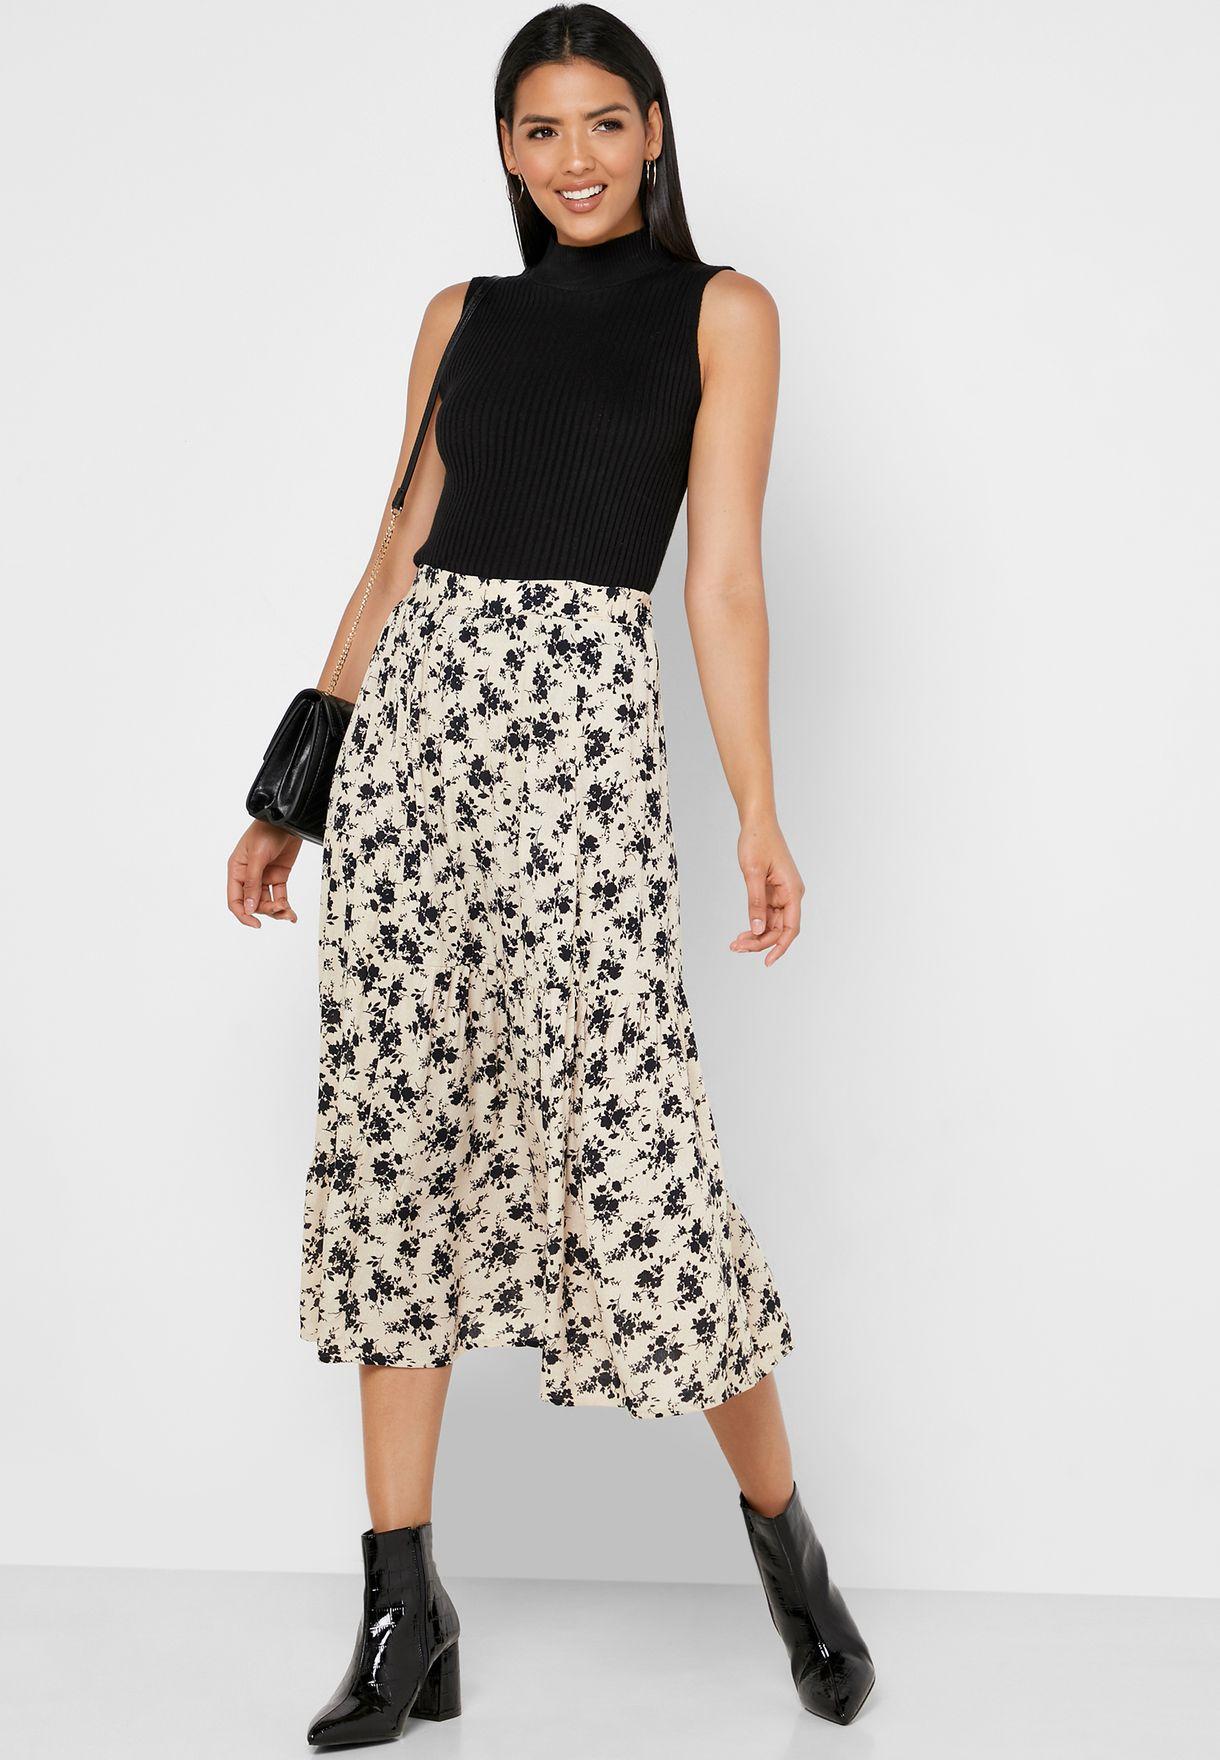 High Waist Floral Print Skirt